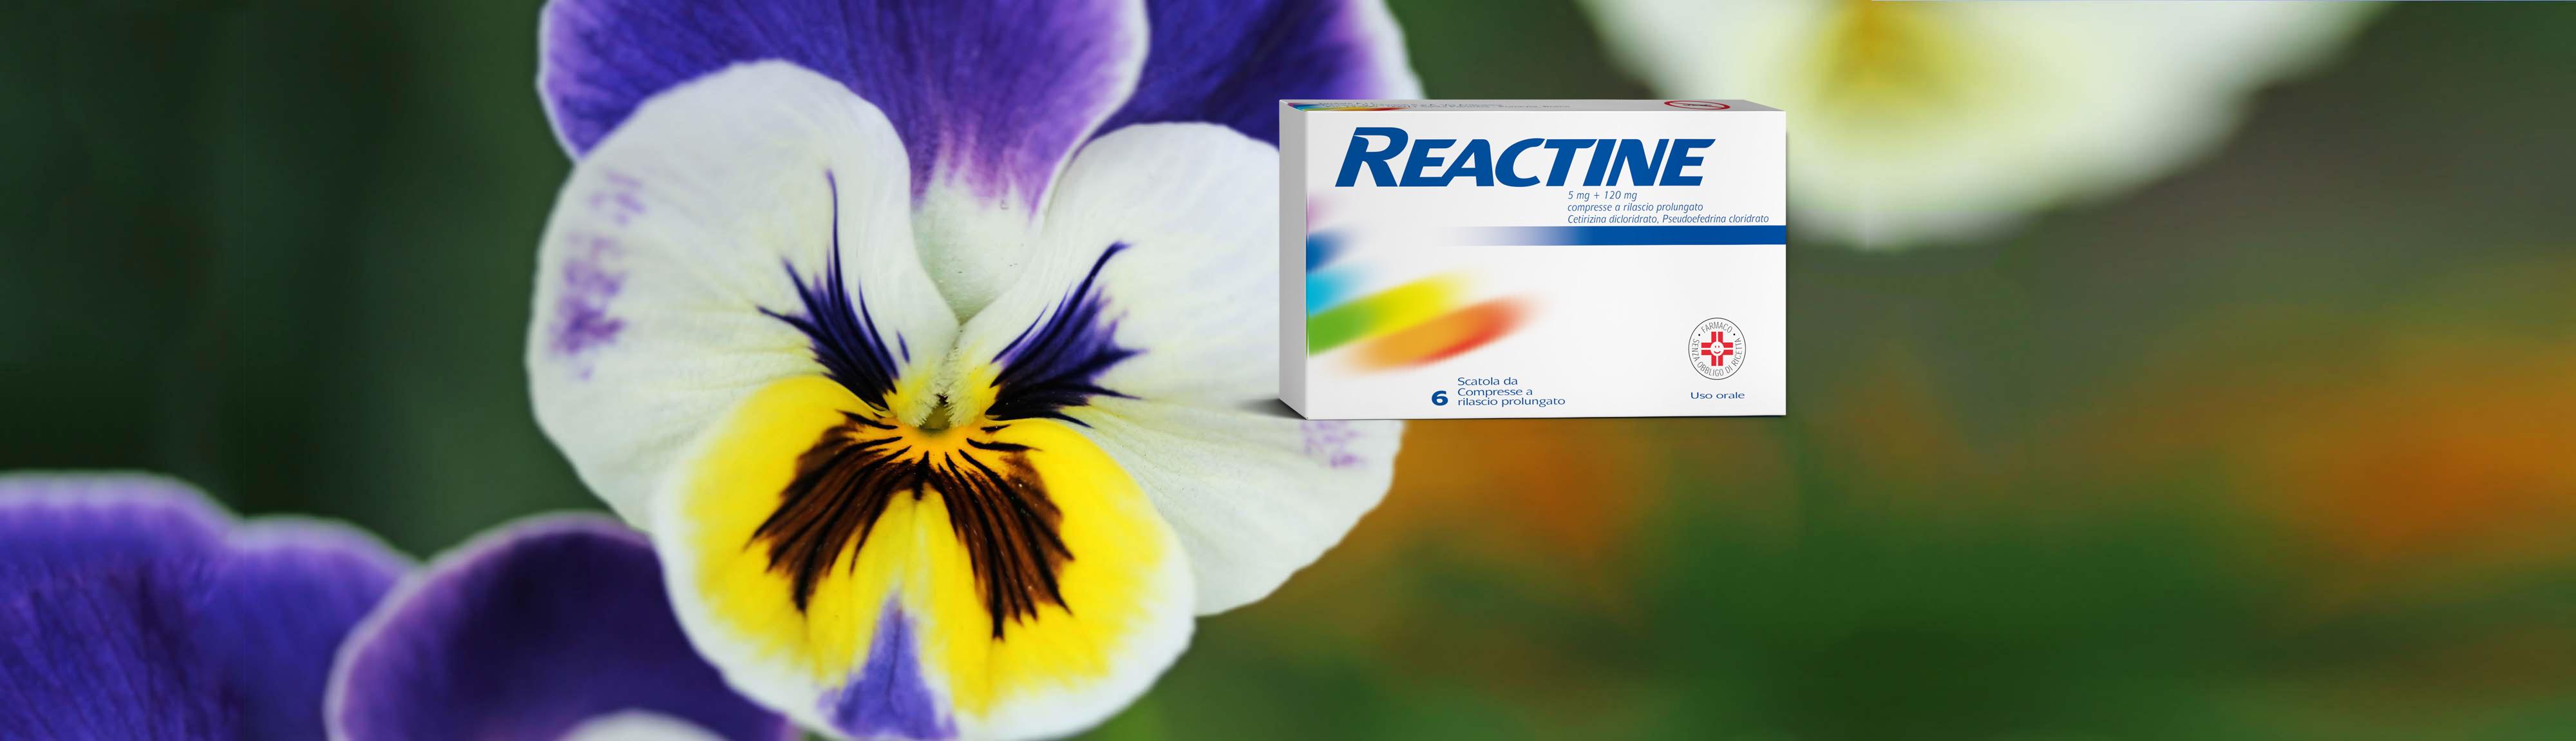 REACTINE® combatte la rinite allergica e l'allergia